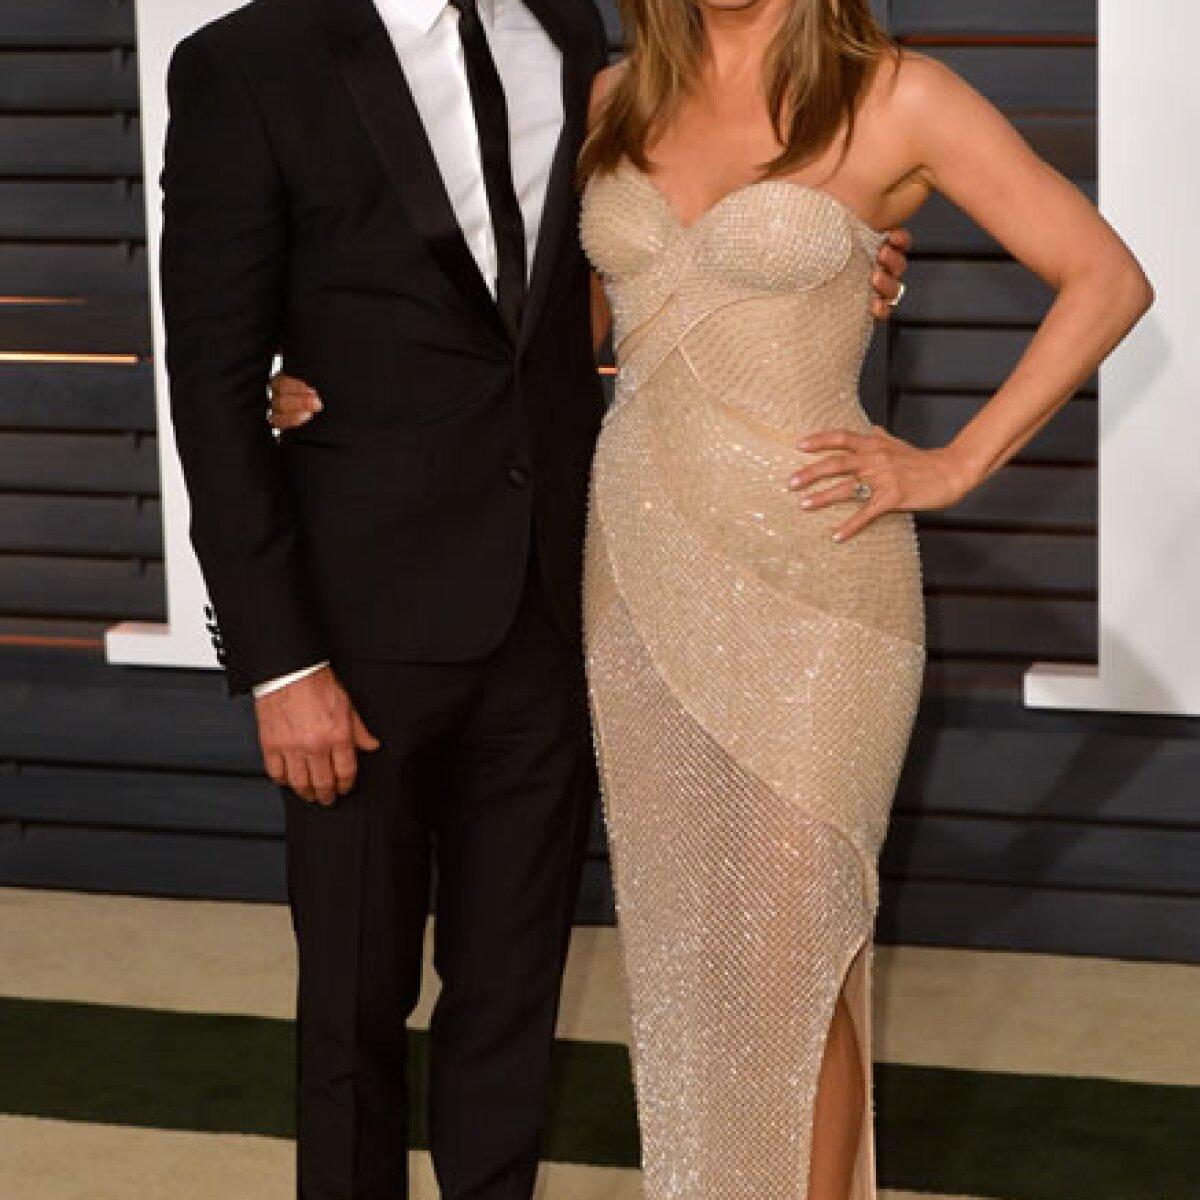 A un mes de su boda, se dice que Jennifer y Justin están separados